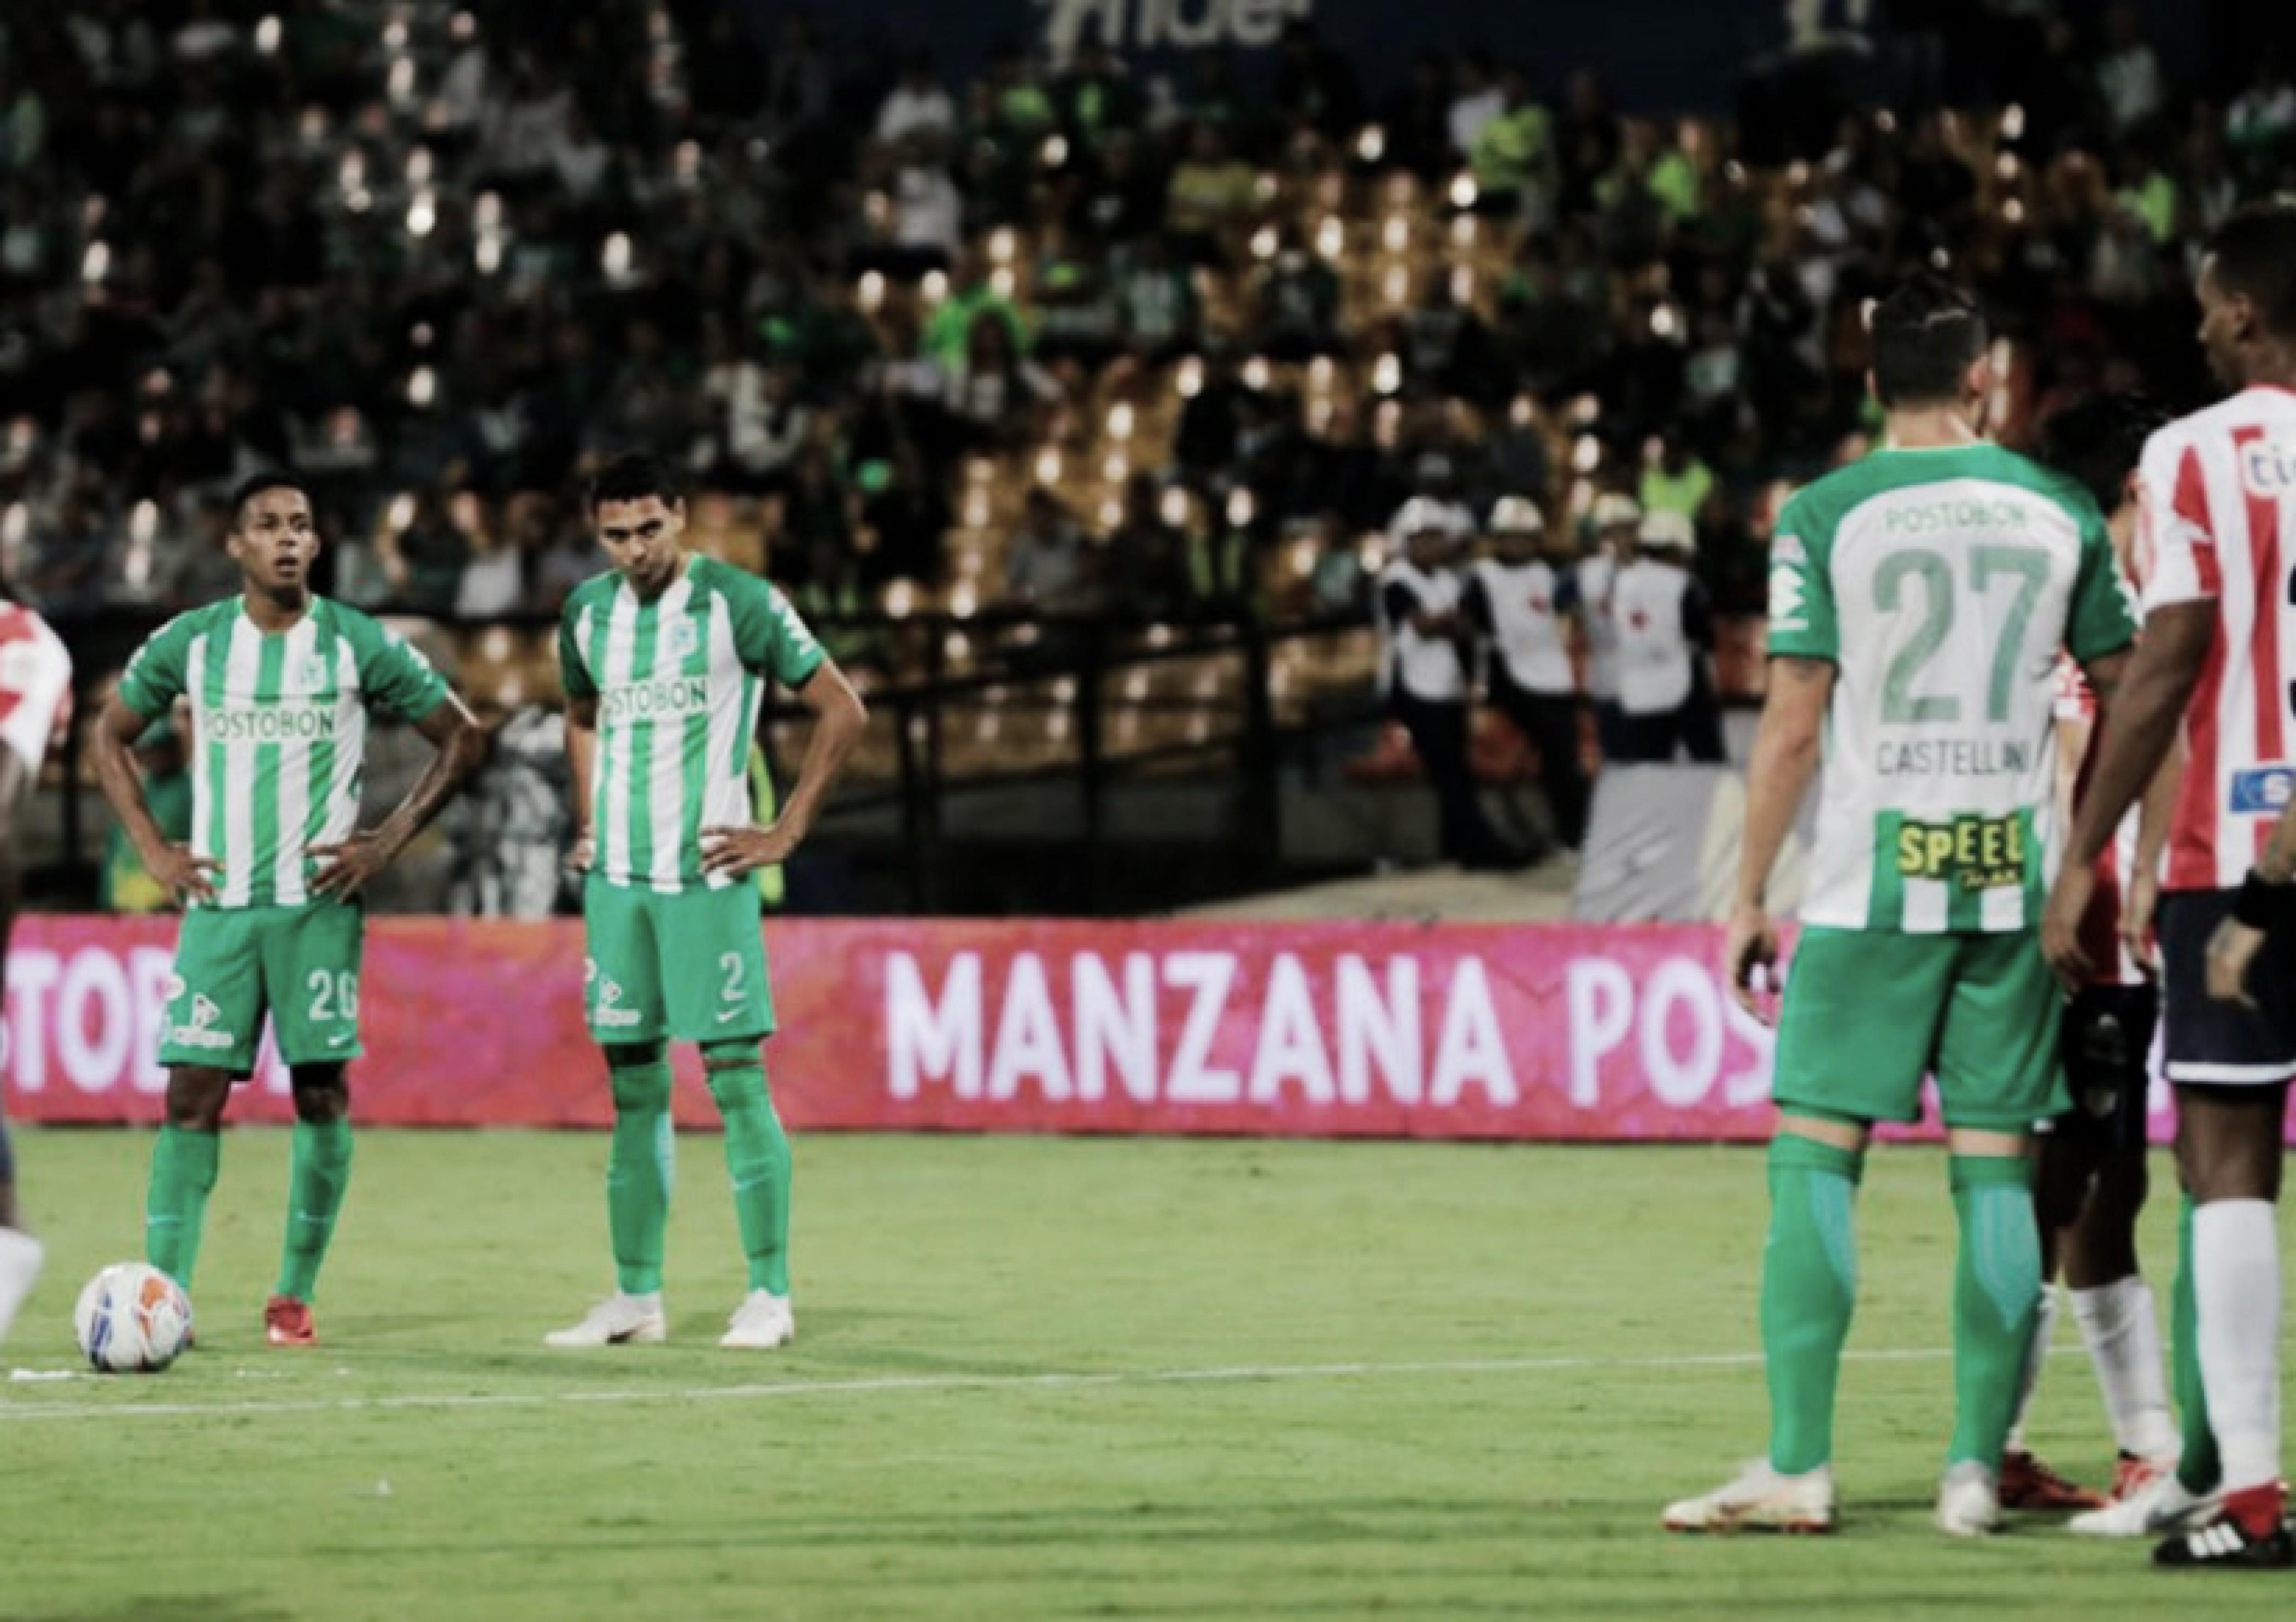 Con ventaja corta, Nacional se impuso ante Junior en el Atanasio